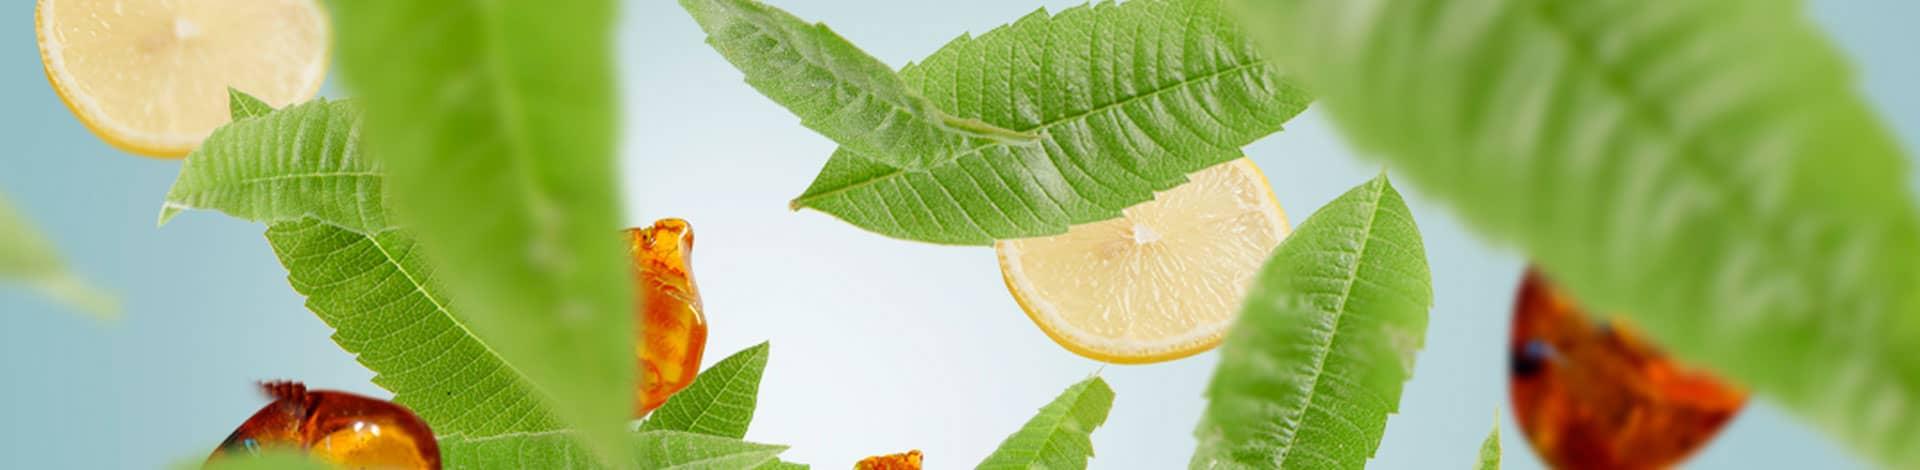 Verbena y limón aroma fresco